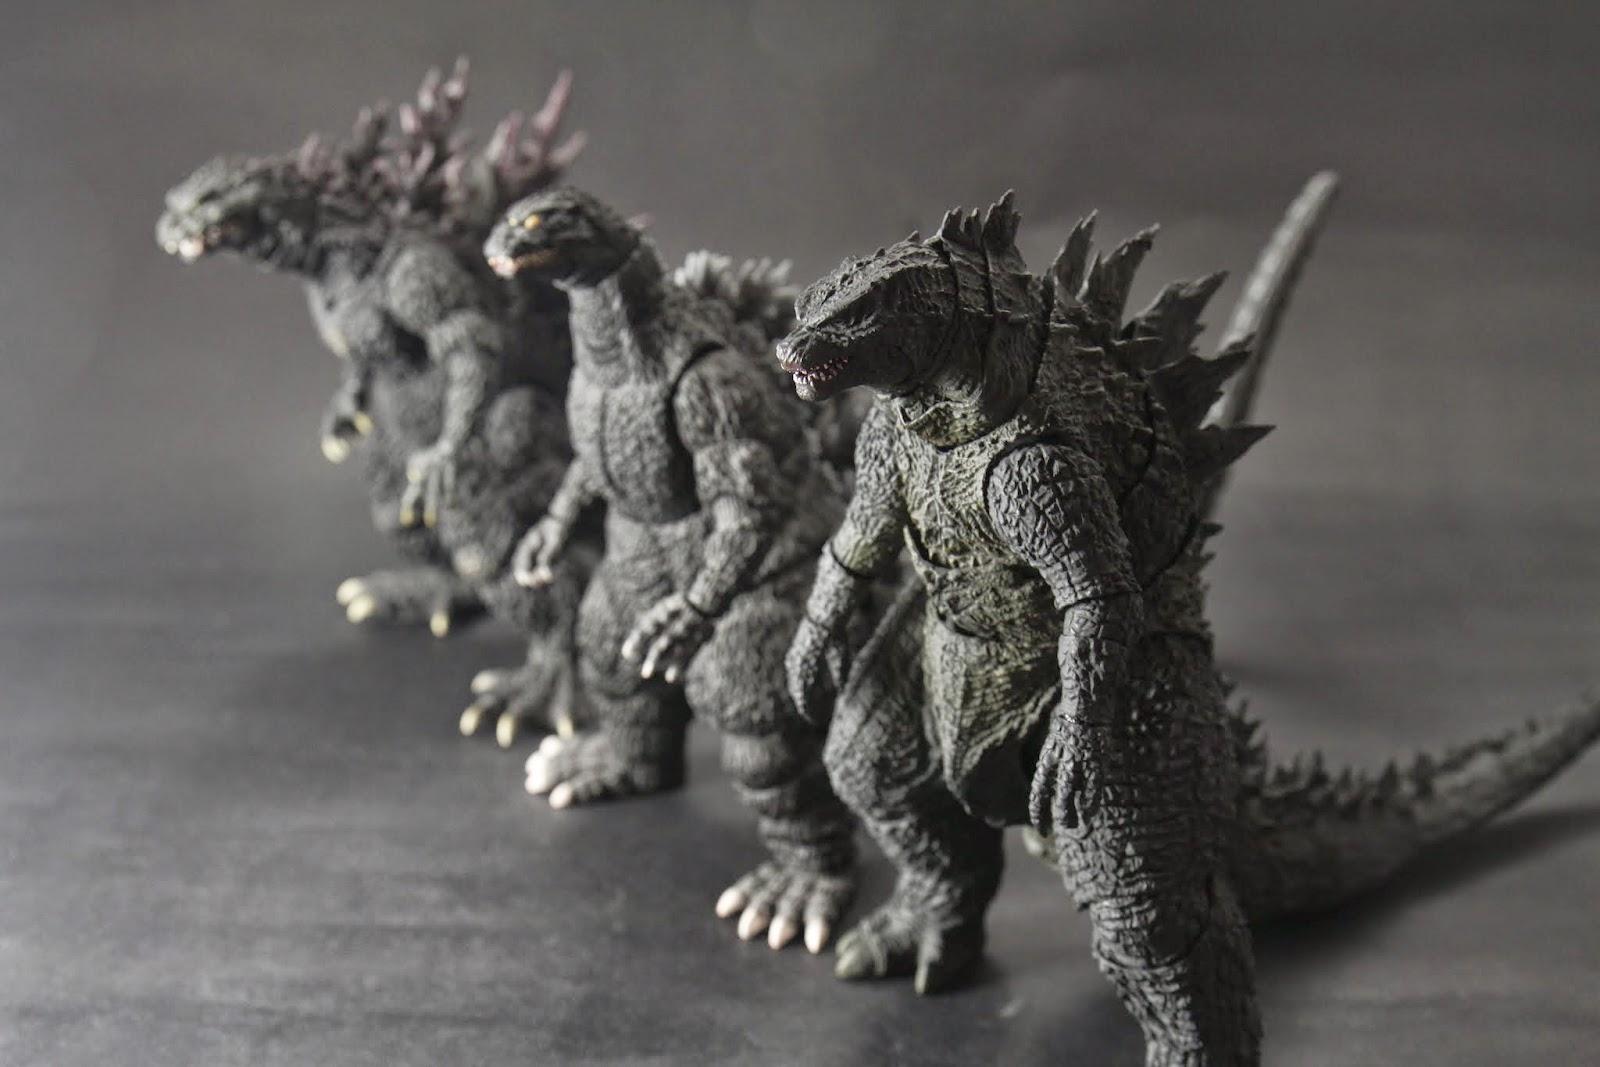 三隻怪獸王 比較起來中間的平成版看起來好忠厚老實